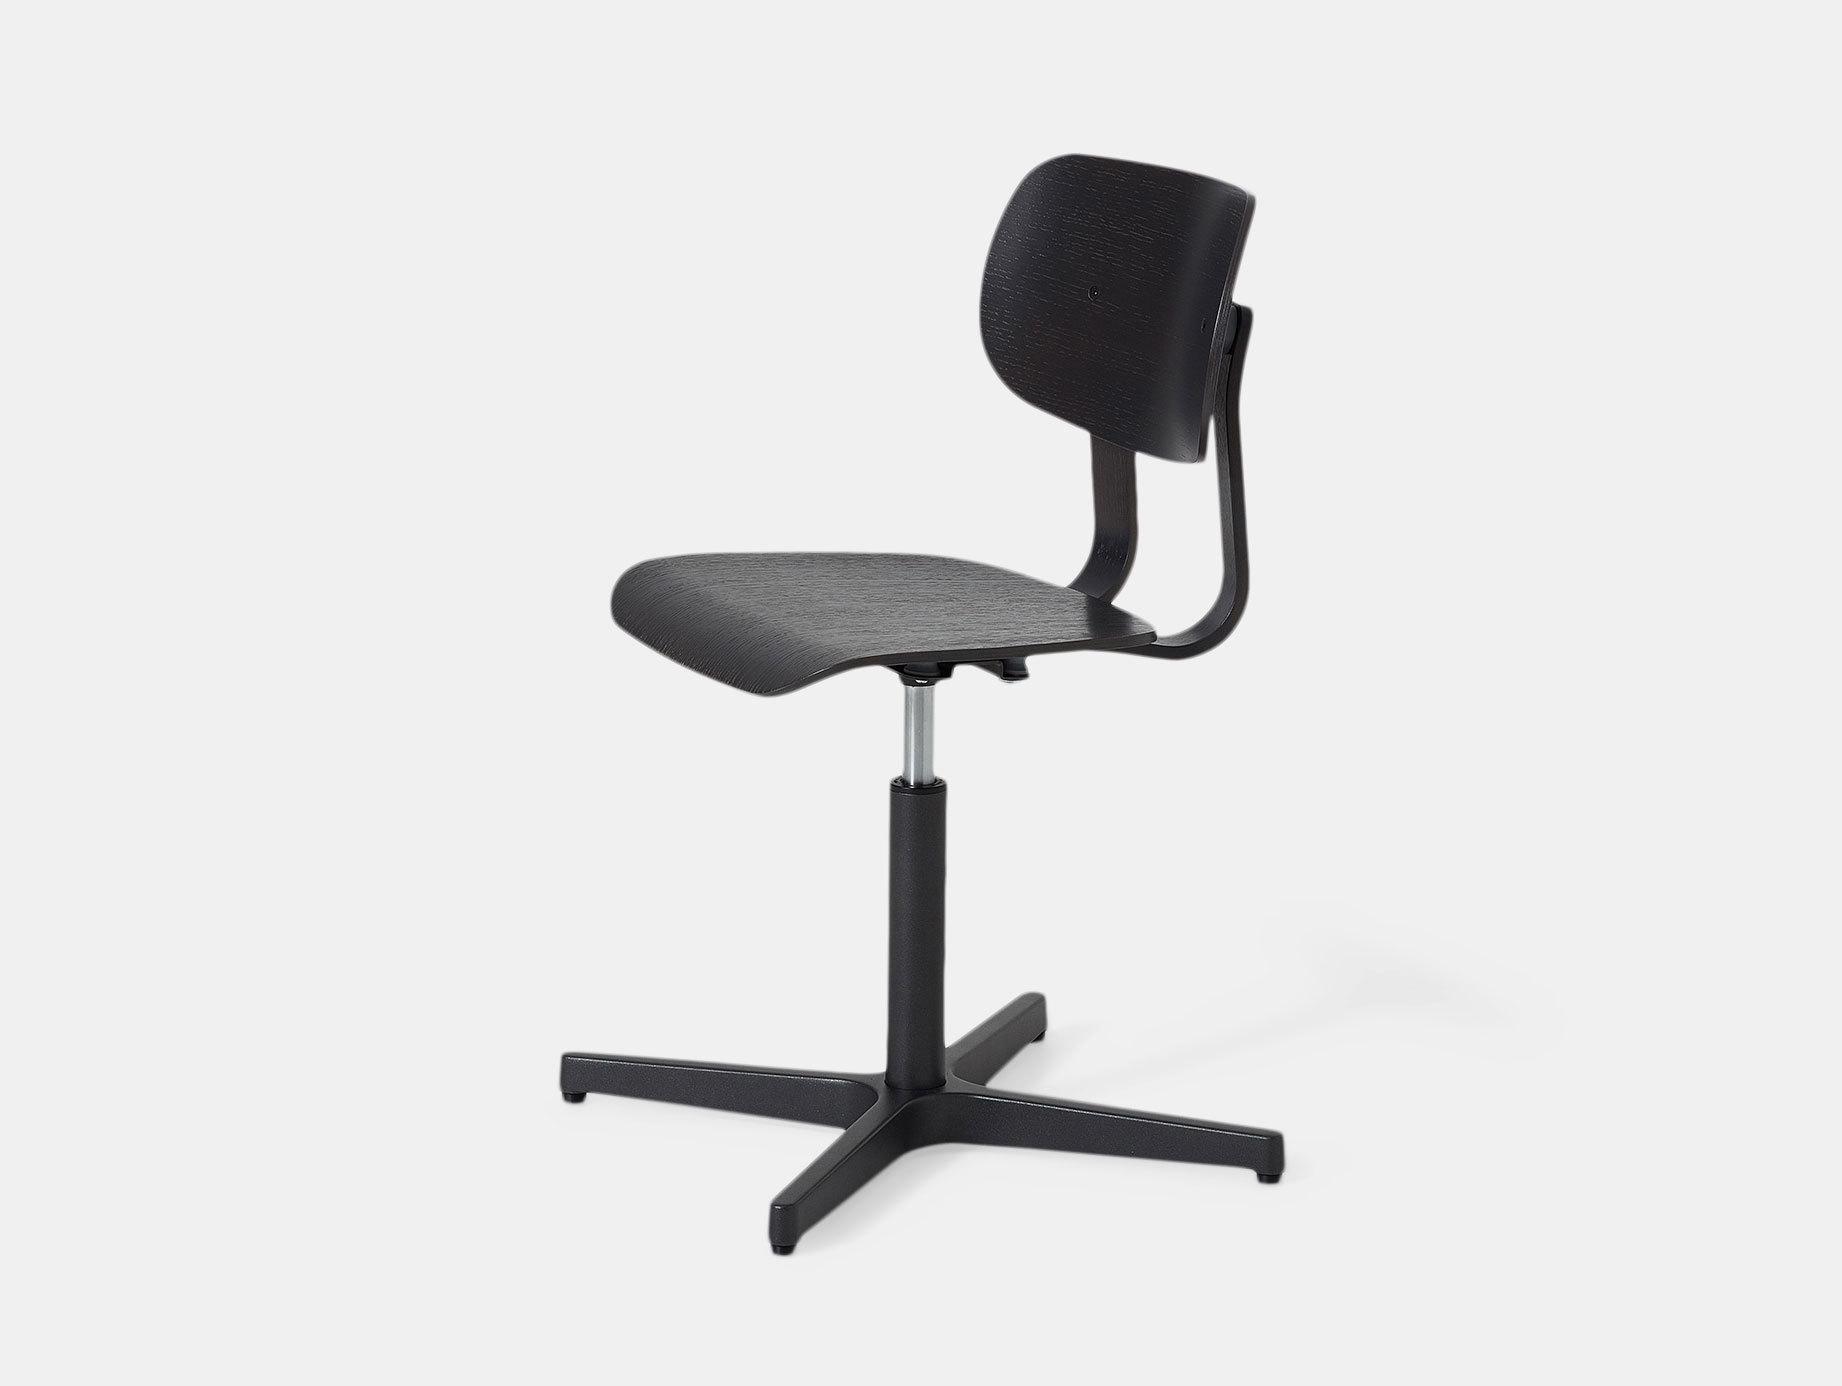 HD Chair Pedestal image 1